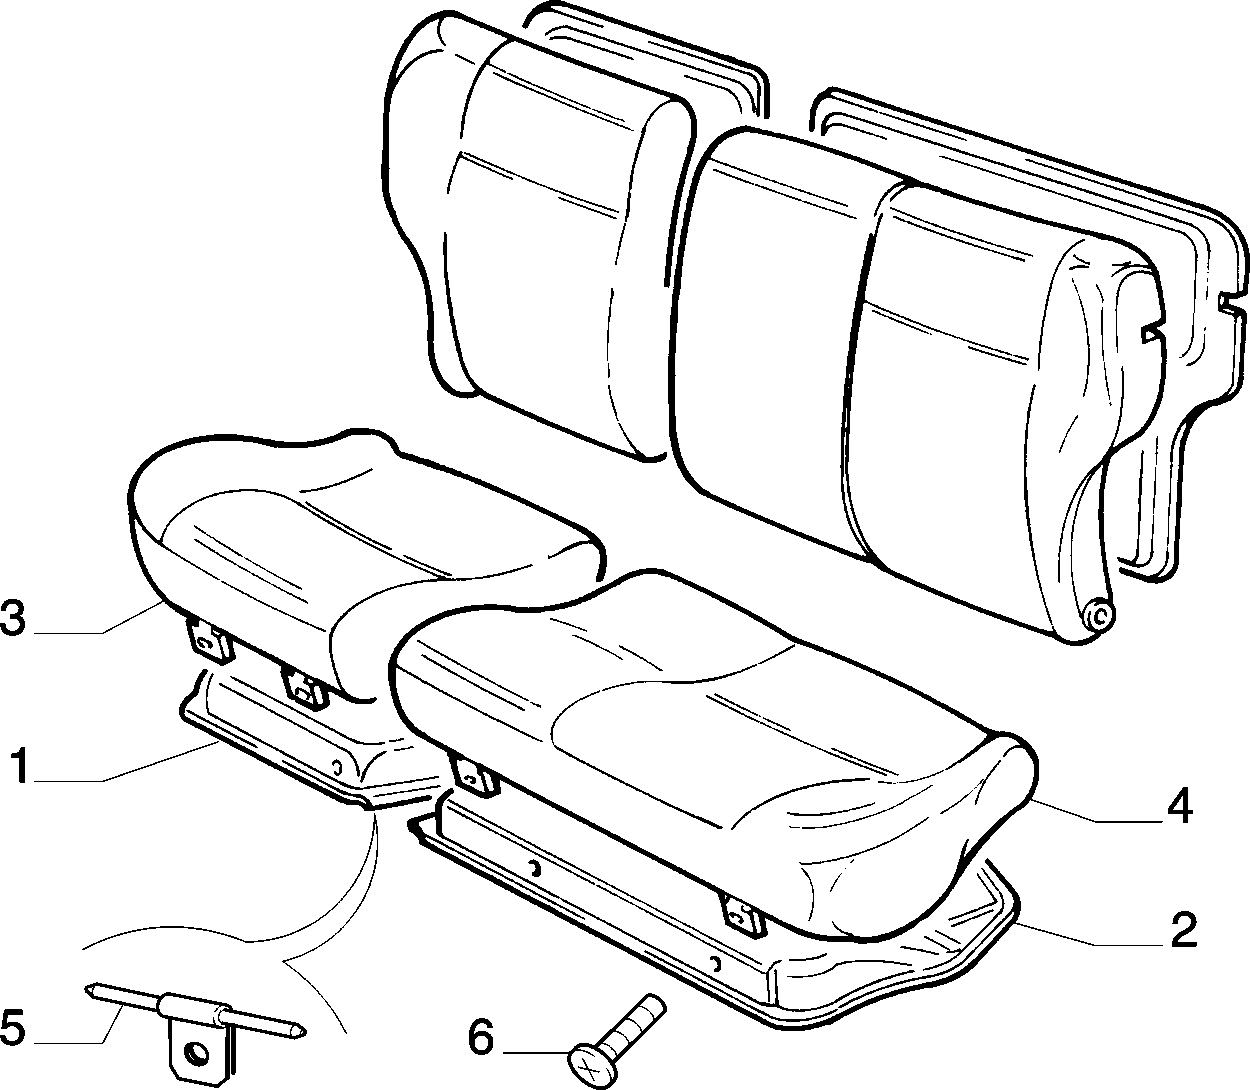 70613/06 REAR SEAT